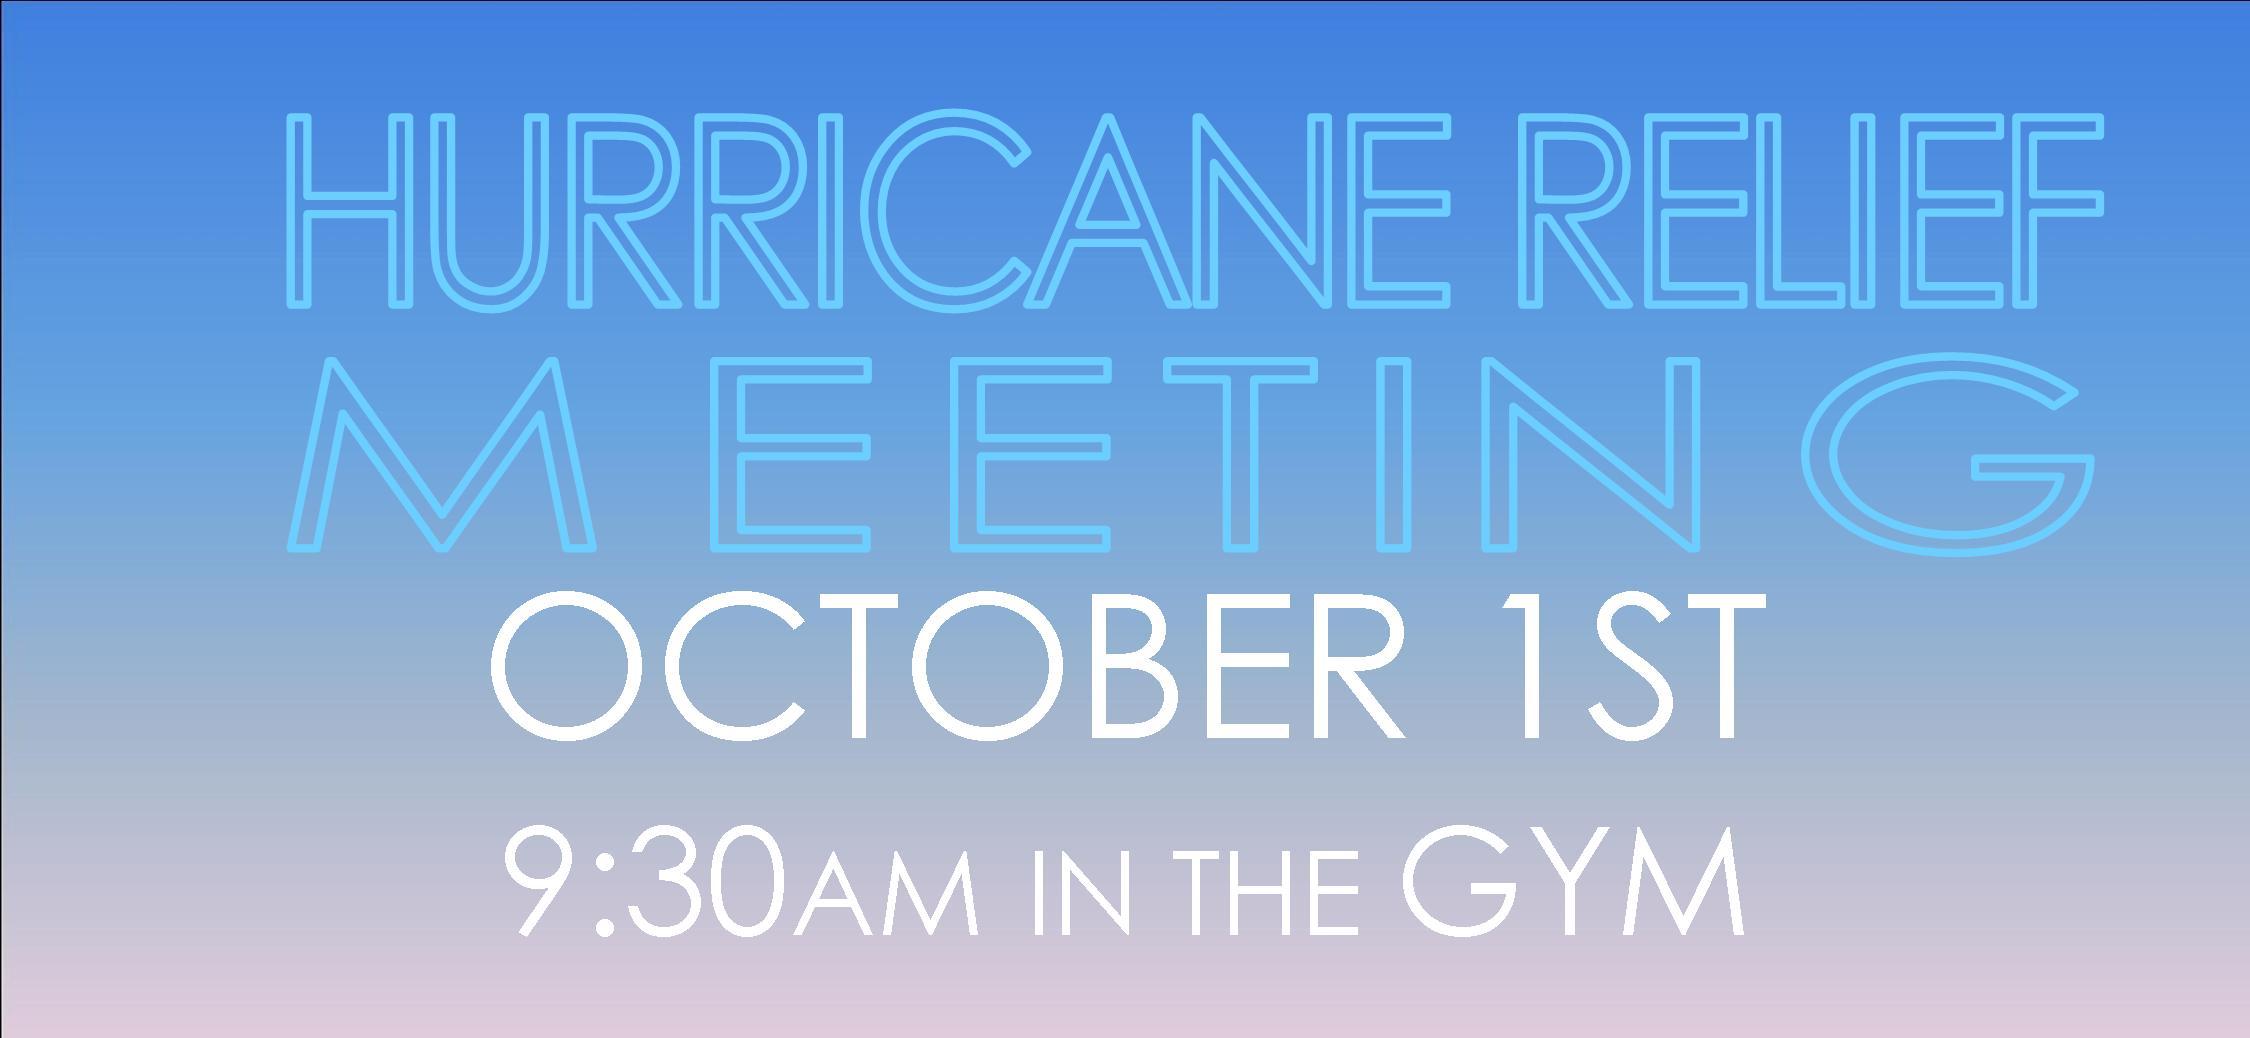 hurricane meeting slider art 092617.jpg